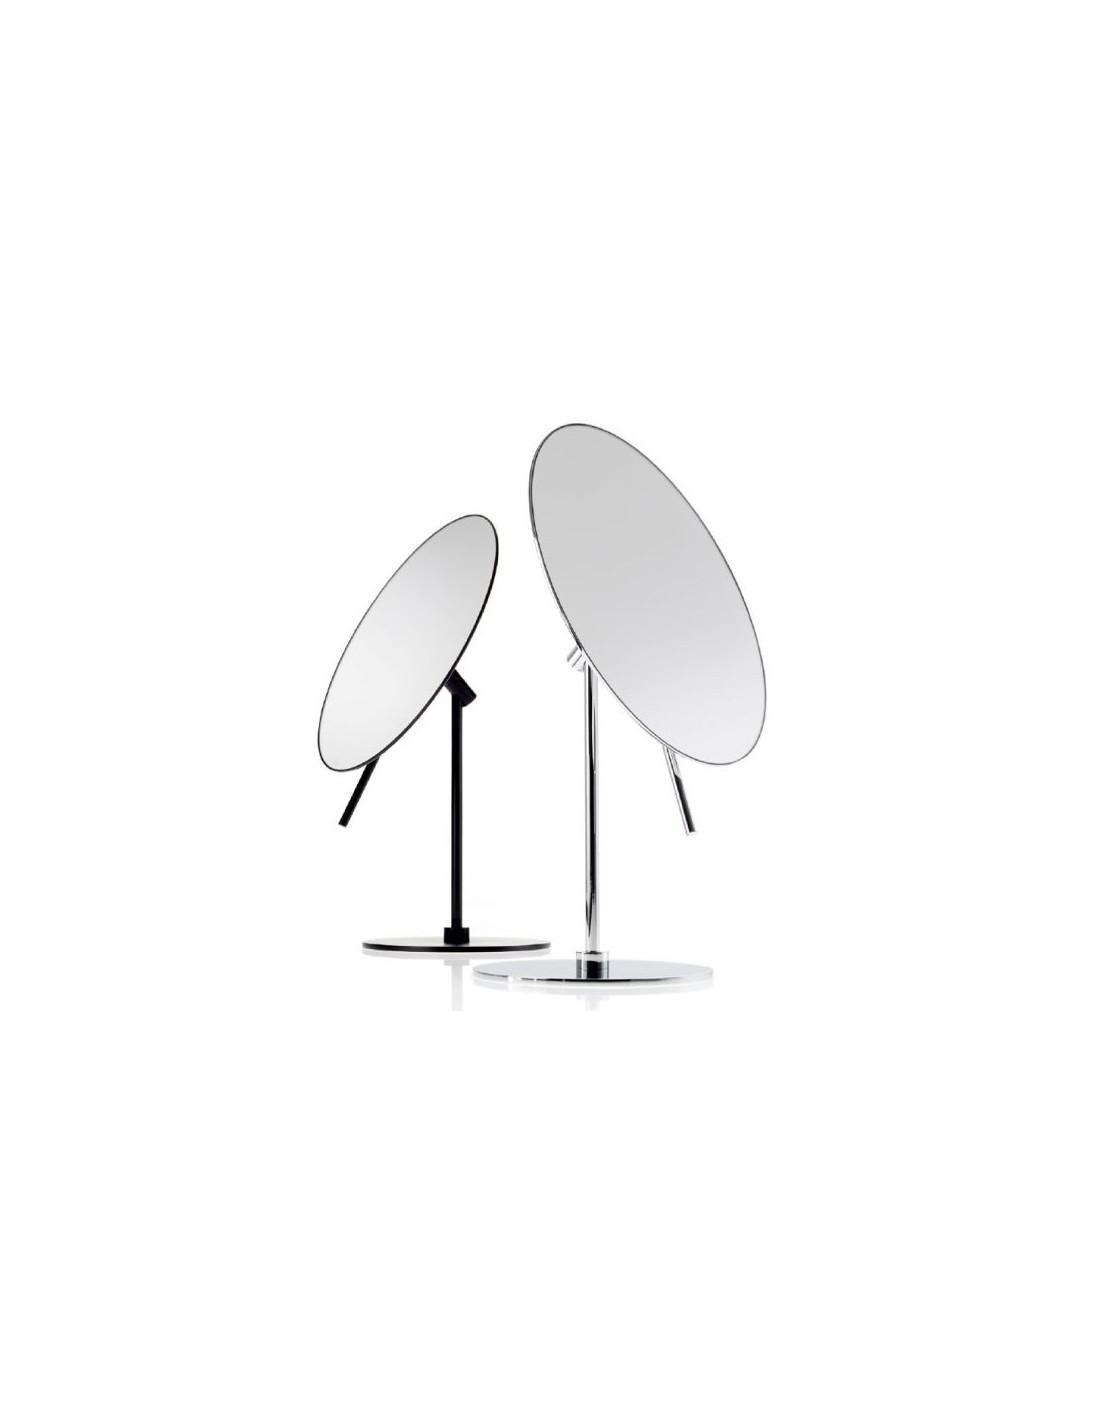 Deux Miroirs ronds grossissants orientables sur pied SPT 71 Decor Walther - Valente Design